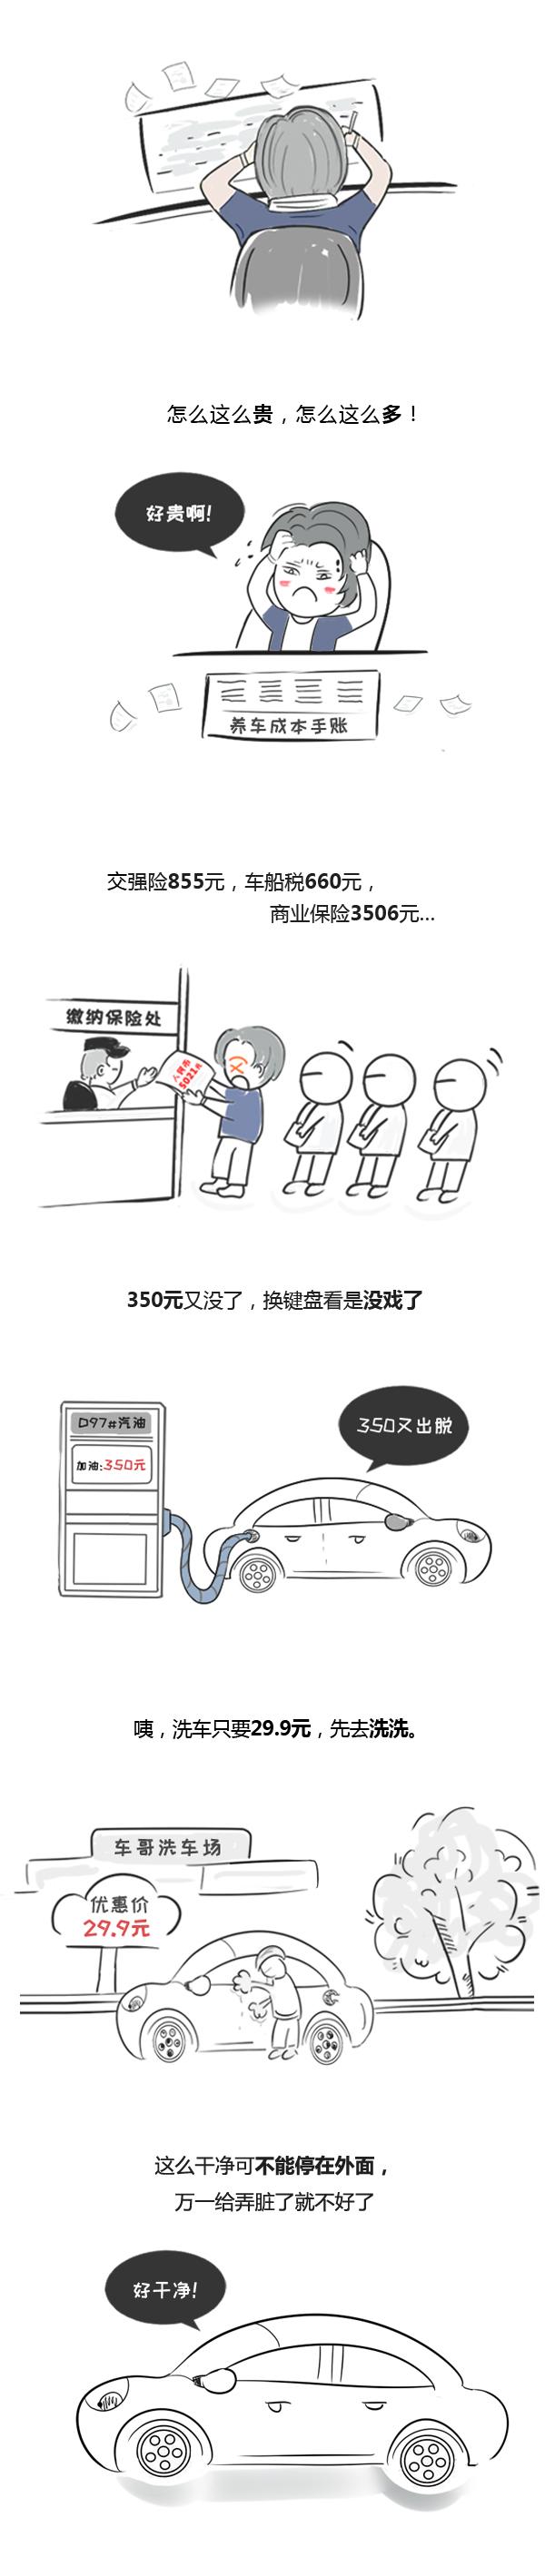 养车真的太花钱了,为了解决这个问题,我决定这样 - 周磊 - 周磊